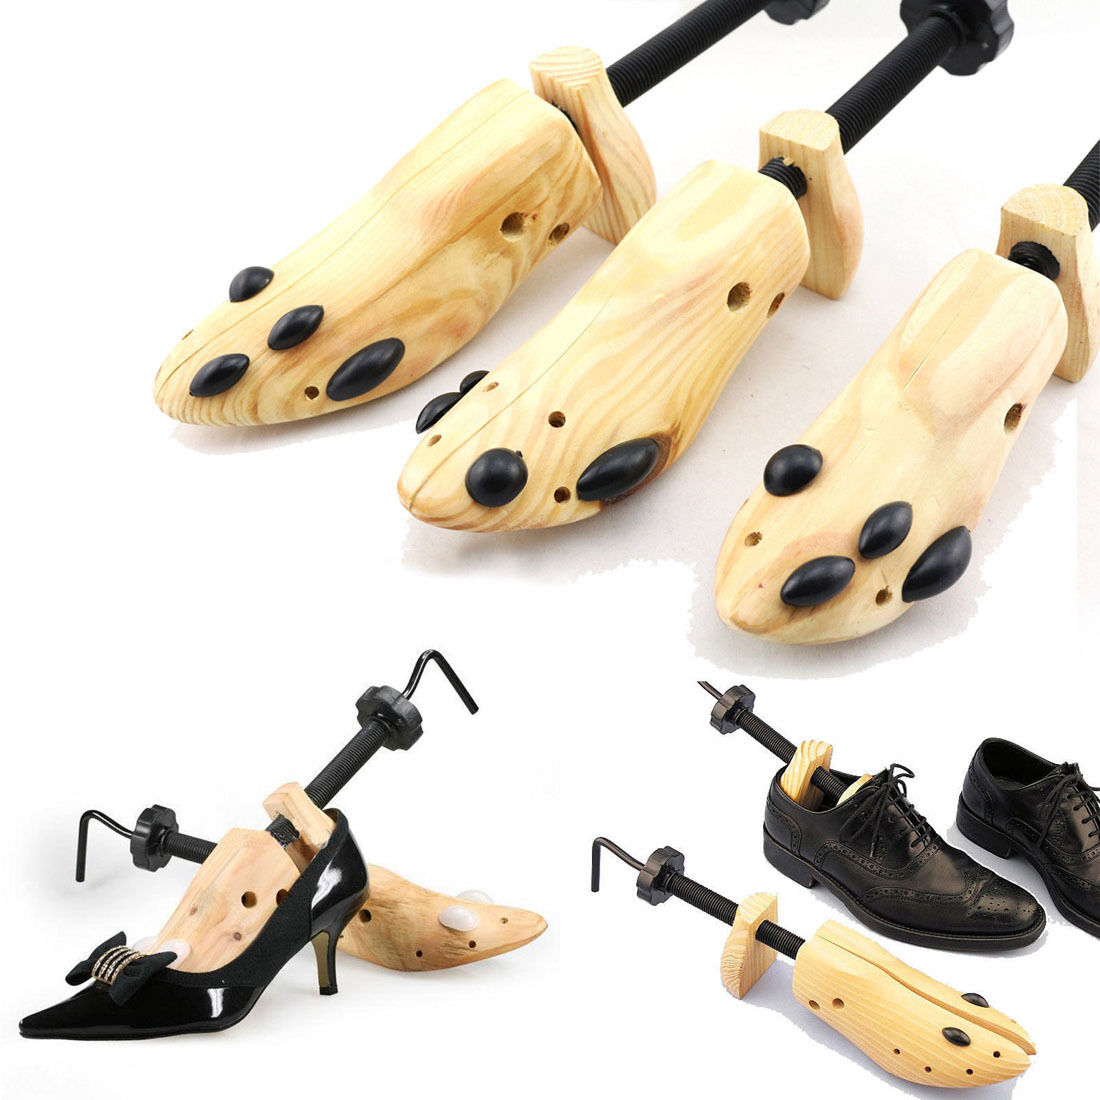 BSAID 1 Piece Shoes Stretcher Wooden Shoe Tree Shaper Rack,Wood Adjustable Zapatos De Homb Expander Trees Size S/M/L Man Women